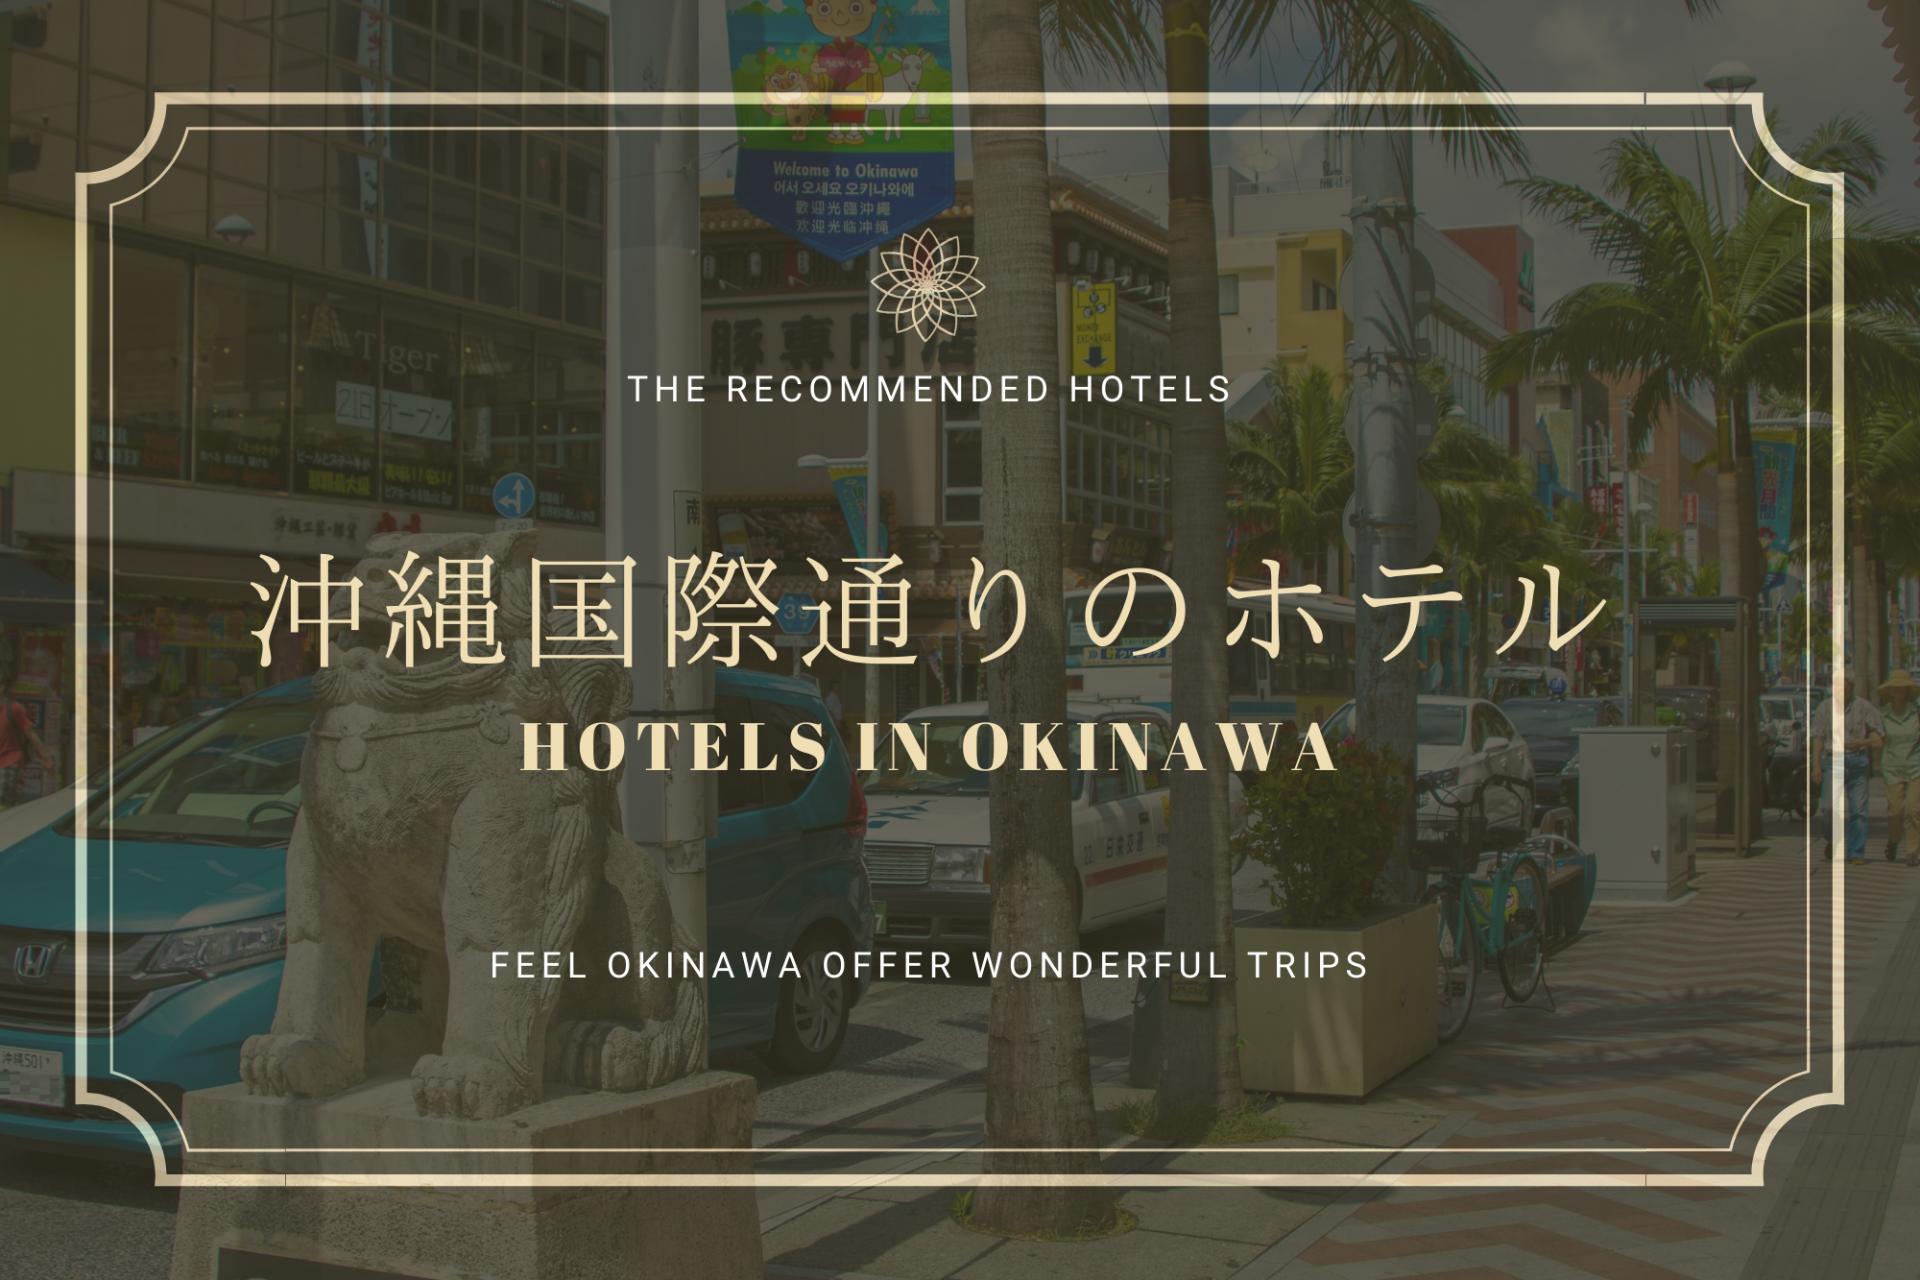 旅行前に知りたい!「沖縄国際通り」沿いホテル7選&おすすめスポット